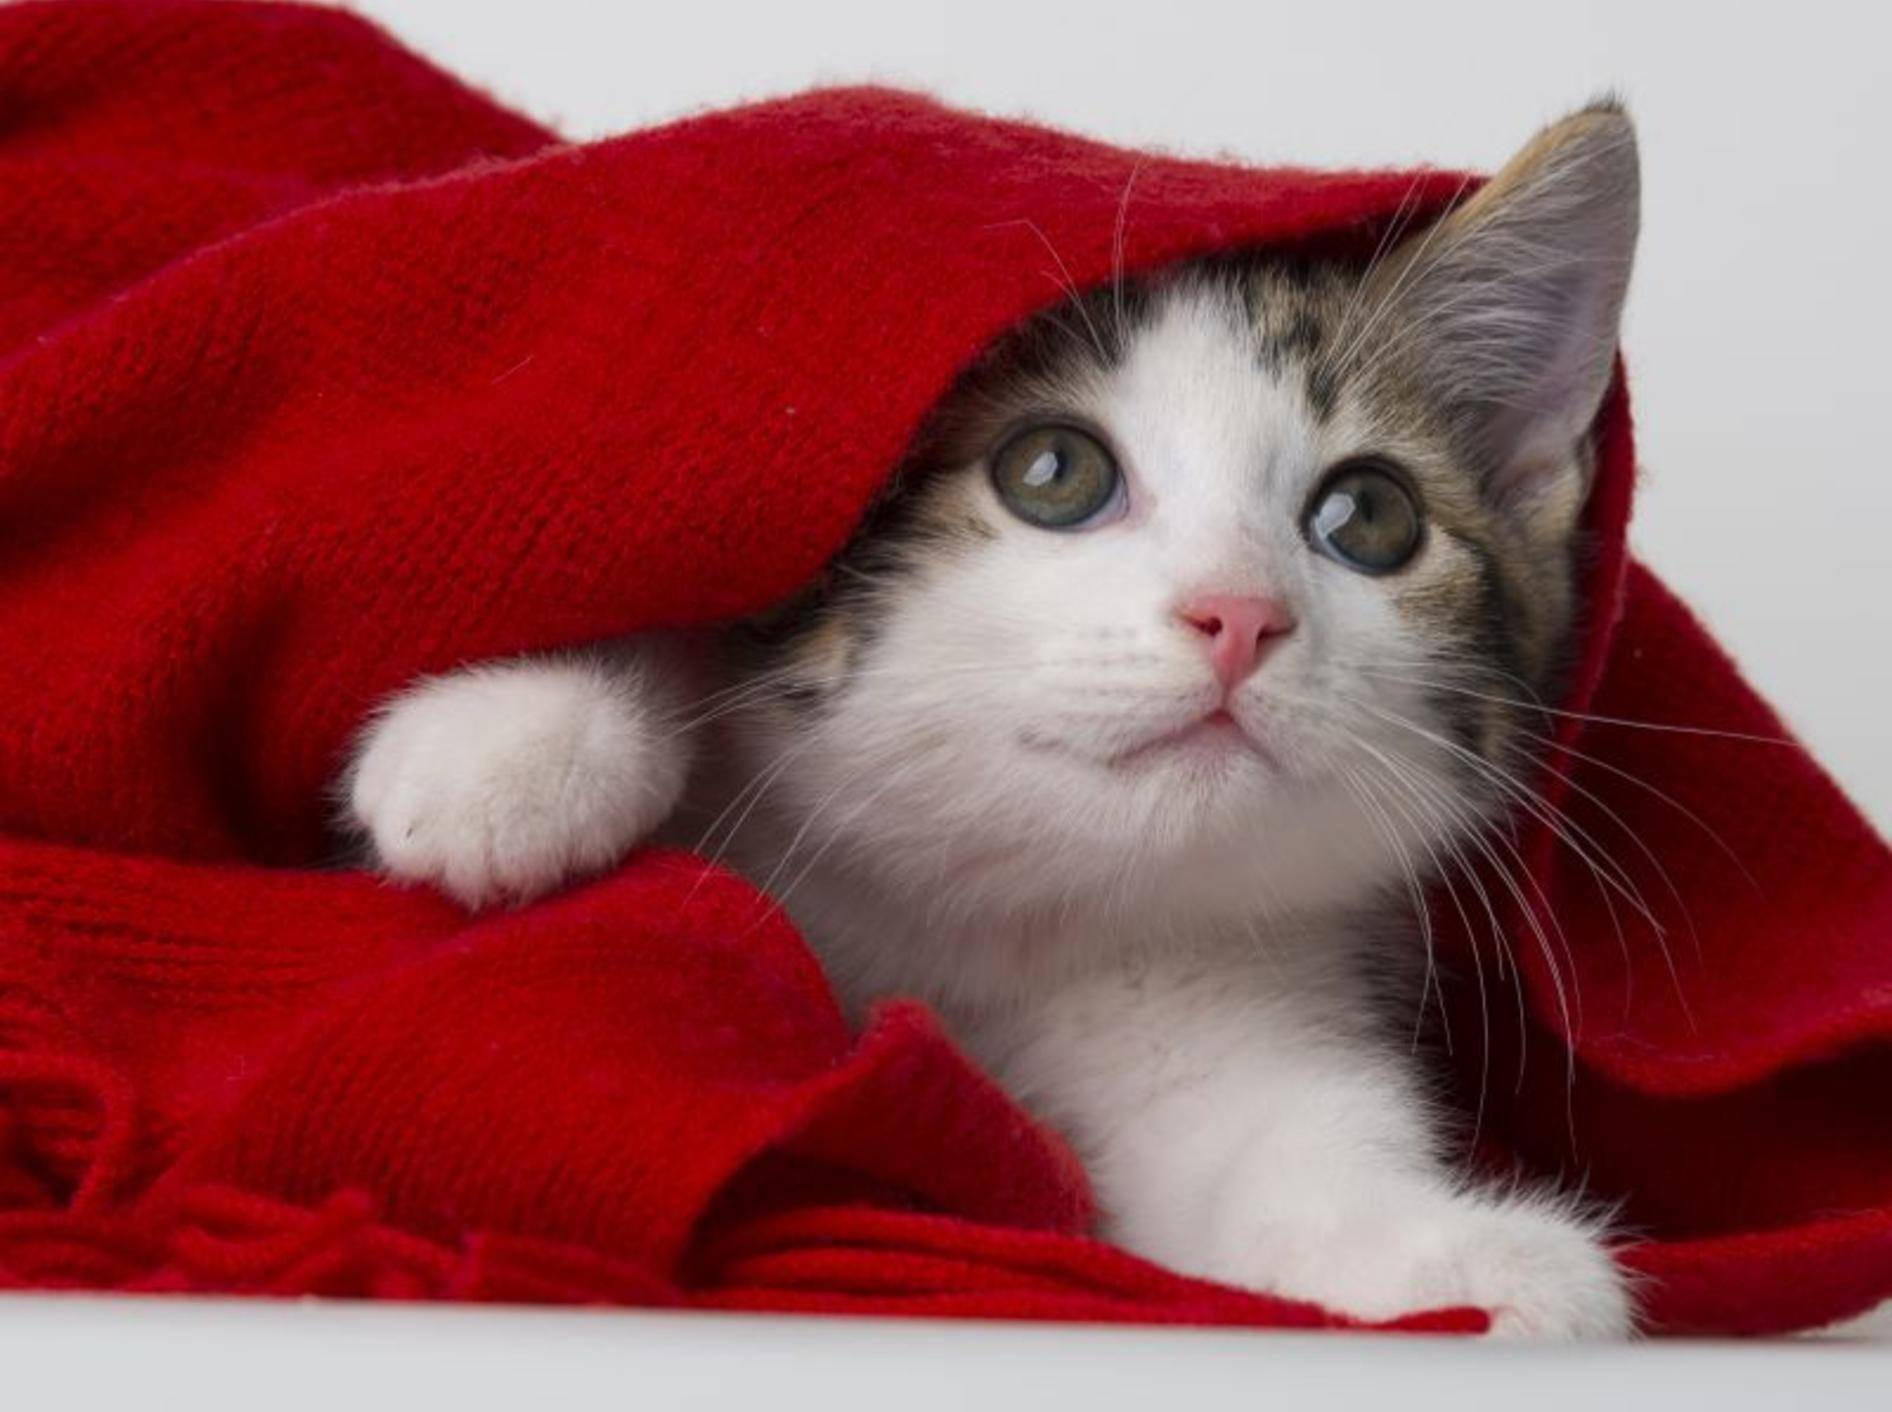 Der erste Tag im neuen Zuhause ist aufregend für ein Katzenbaby – Bild: Shutterstock / Kuttelvaserova Stuchelova